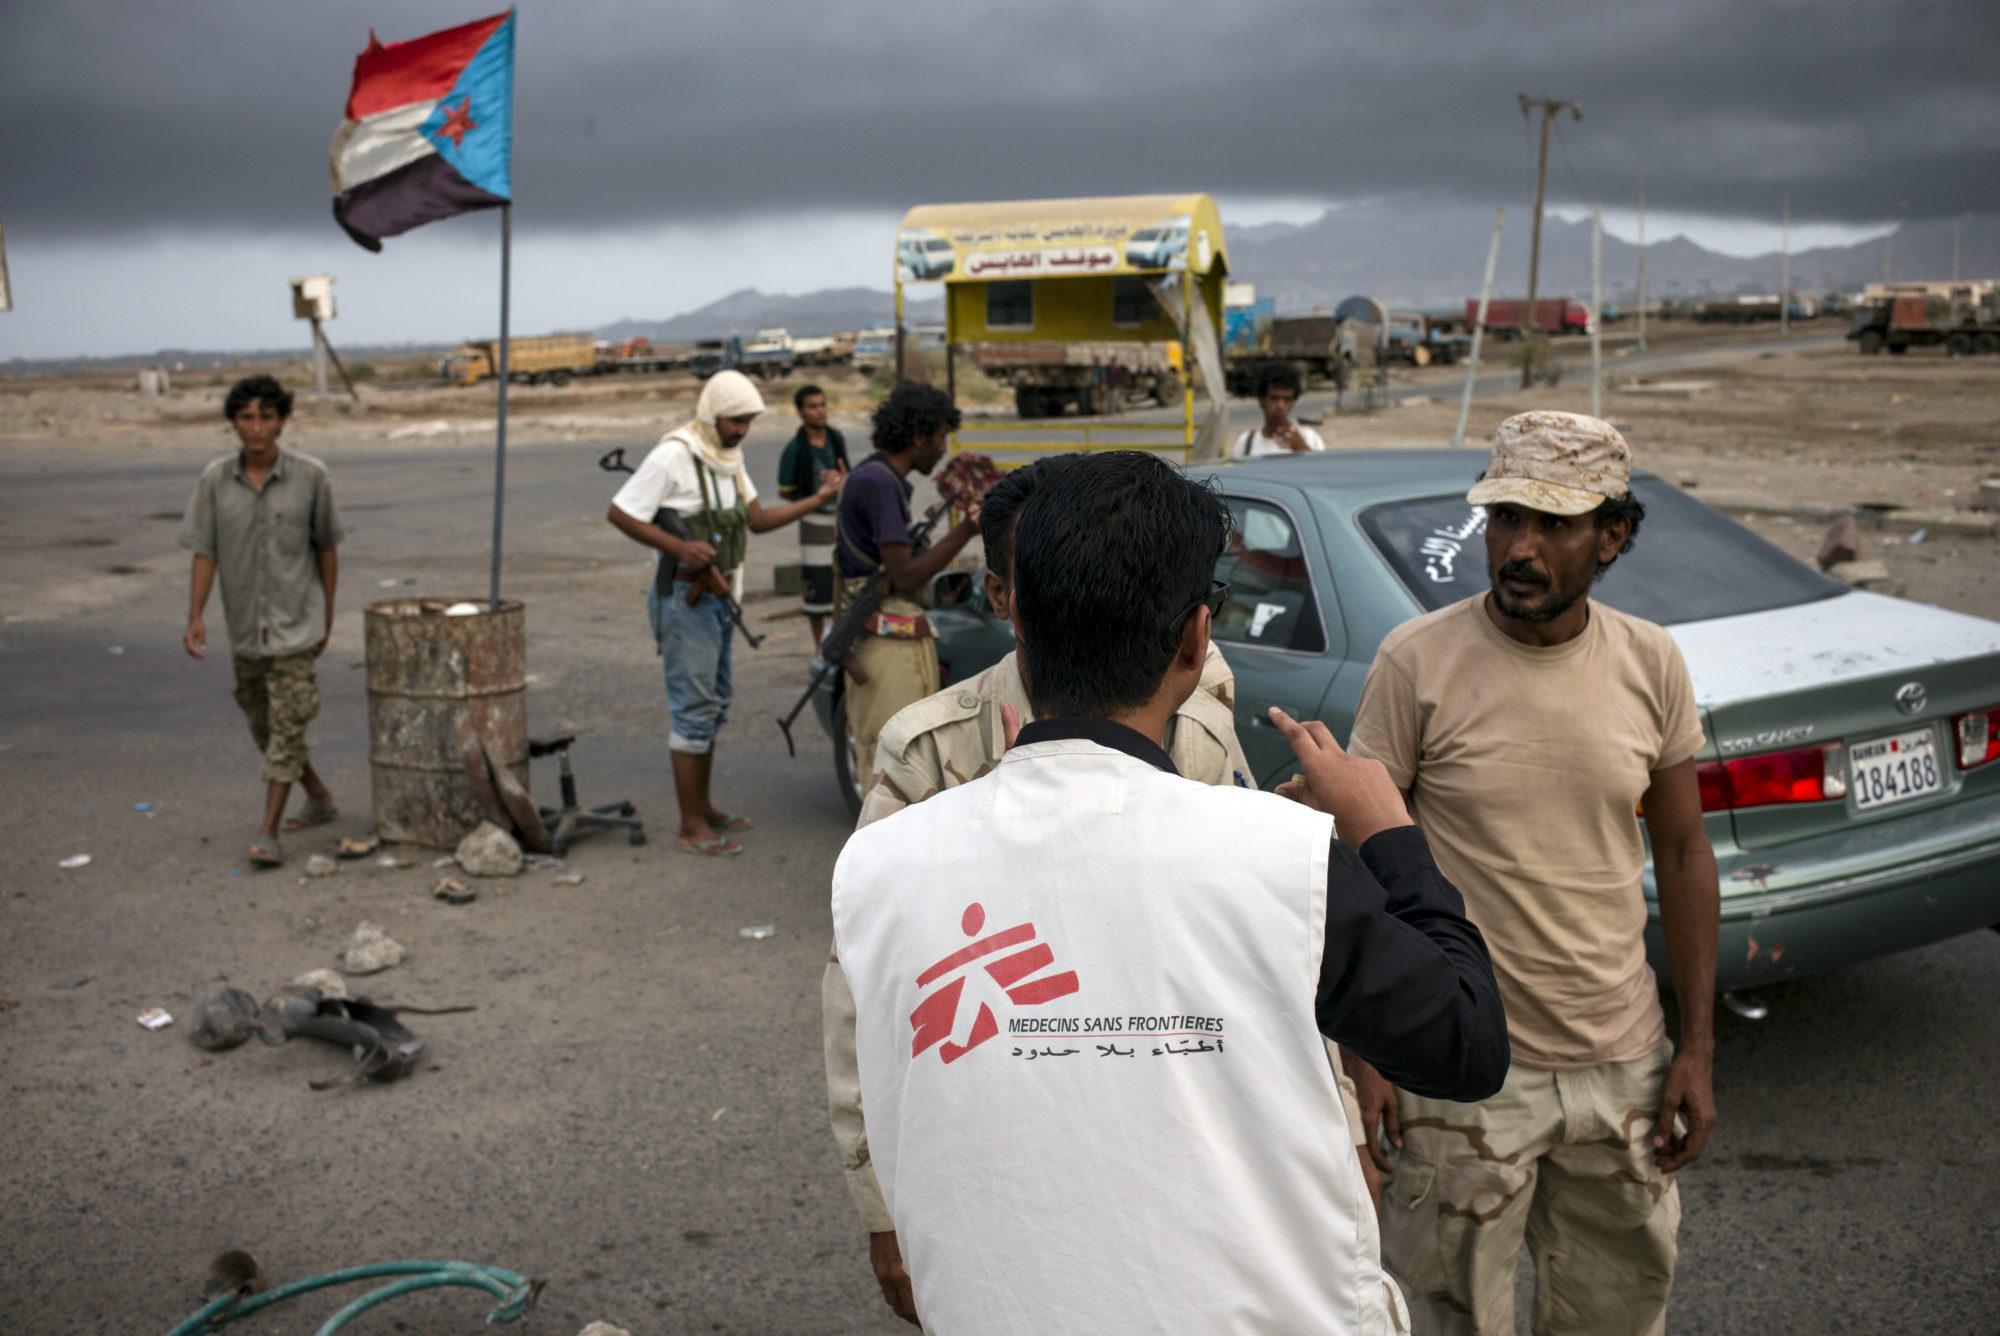 En medarbejder fra Læger uden Grænser taler med væbnede mænd på et checkpunkt i Aden, Yemen.